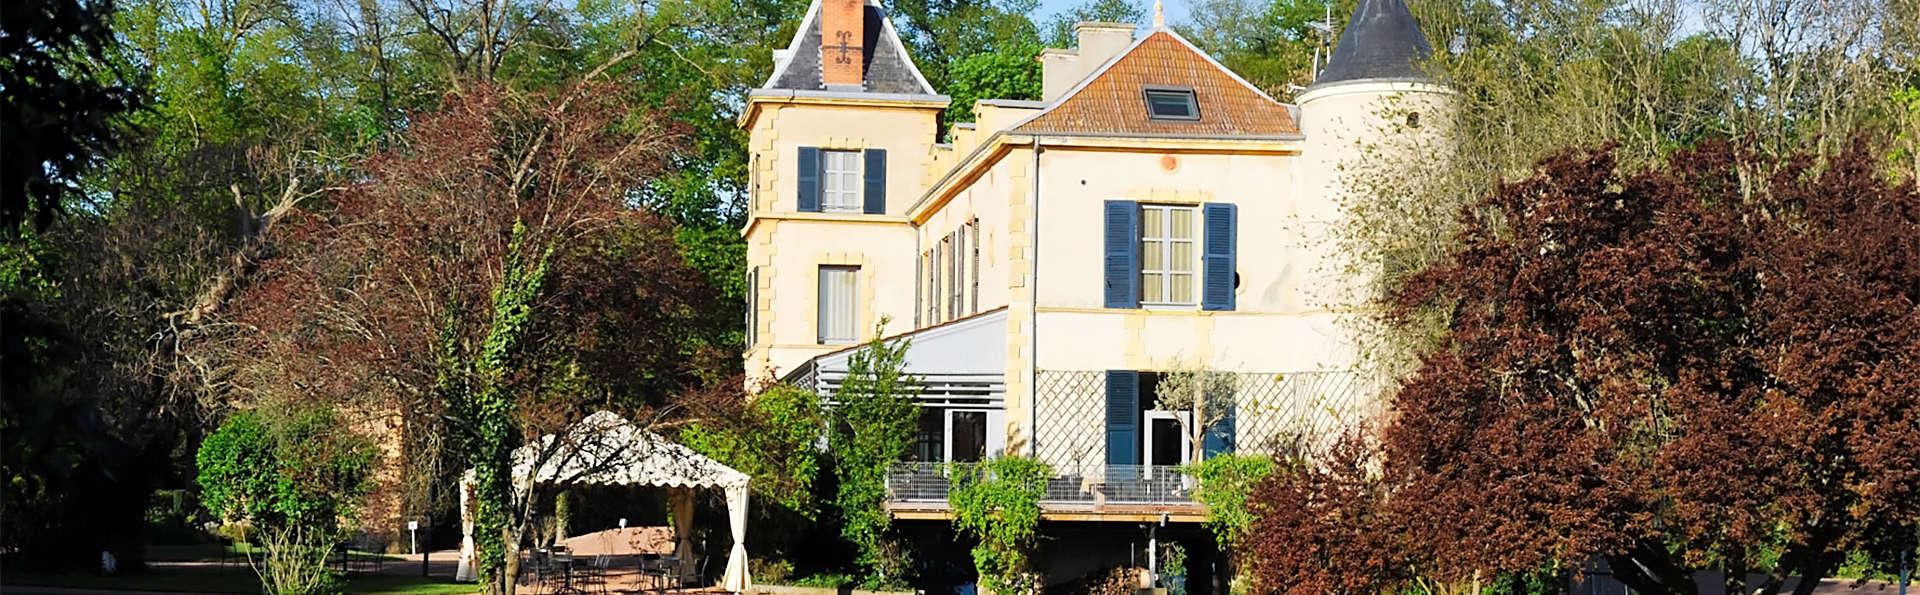 Le Château de Champlong - EDIT_ext1.jpg